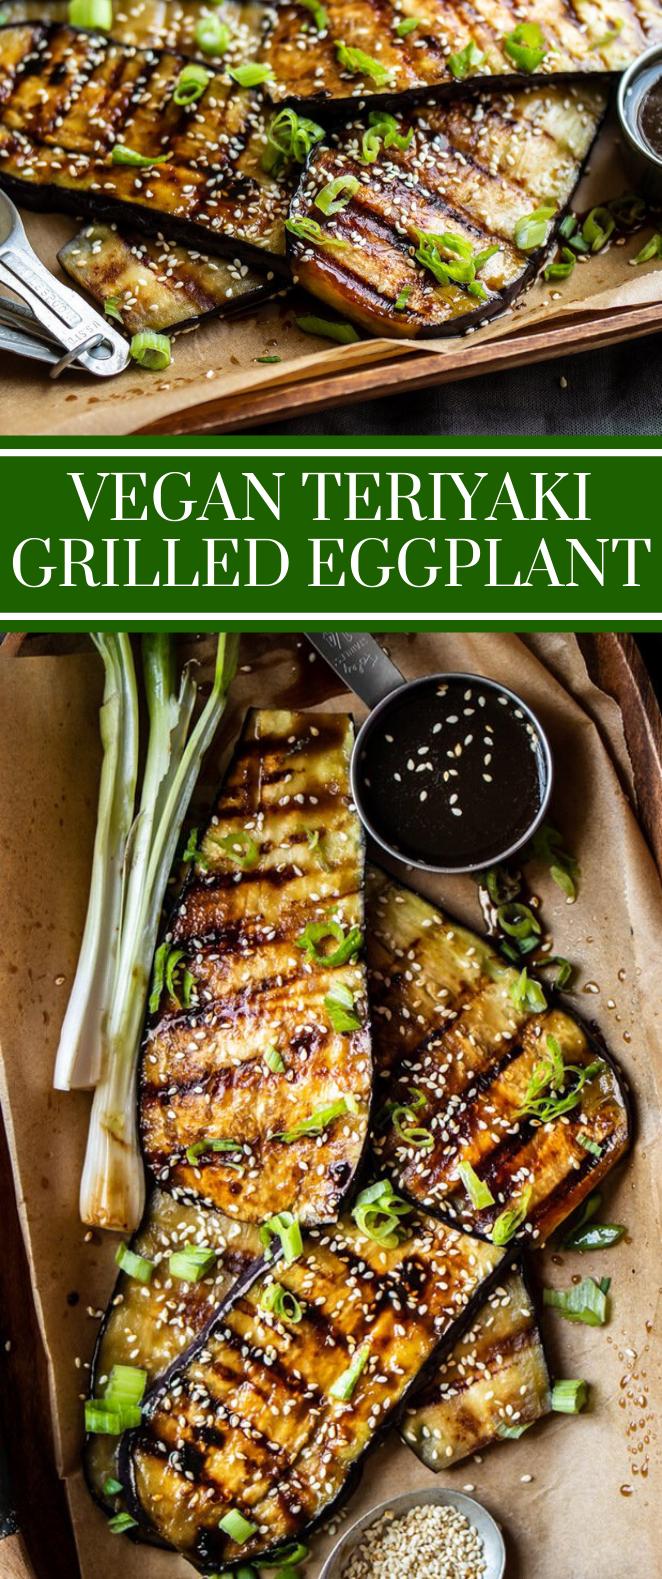 Vegane Teriyaki Gegrillte Aubergine #vegandinner #vegetarian #cinnamonsugarcookies